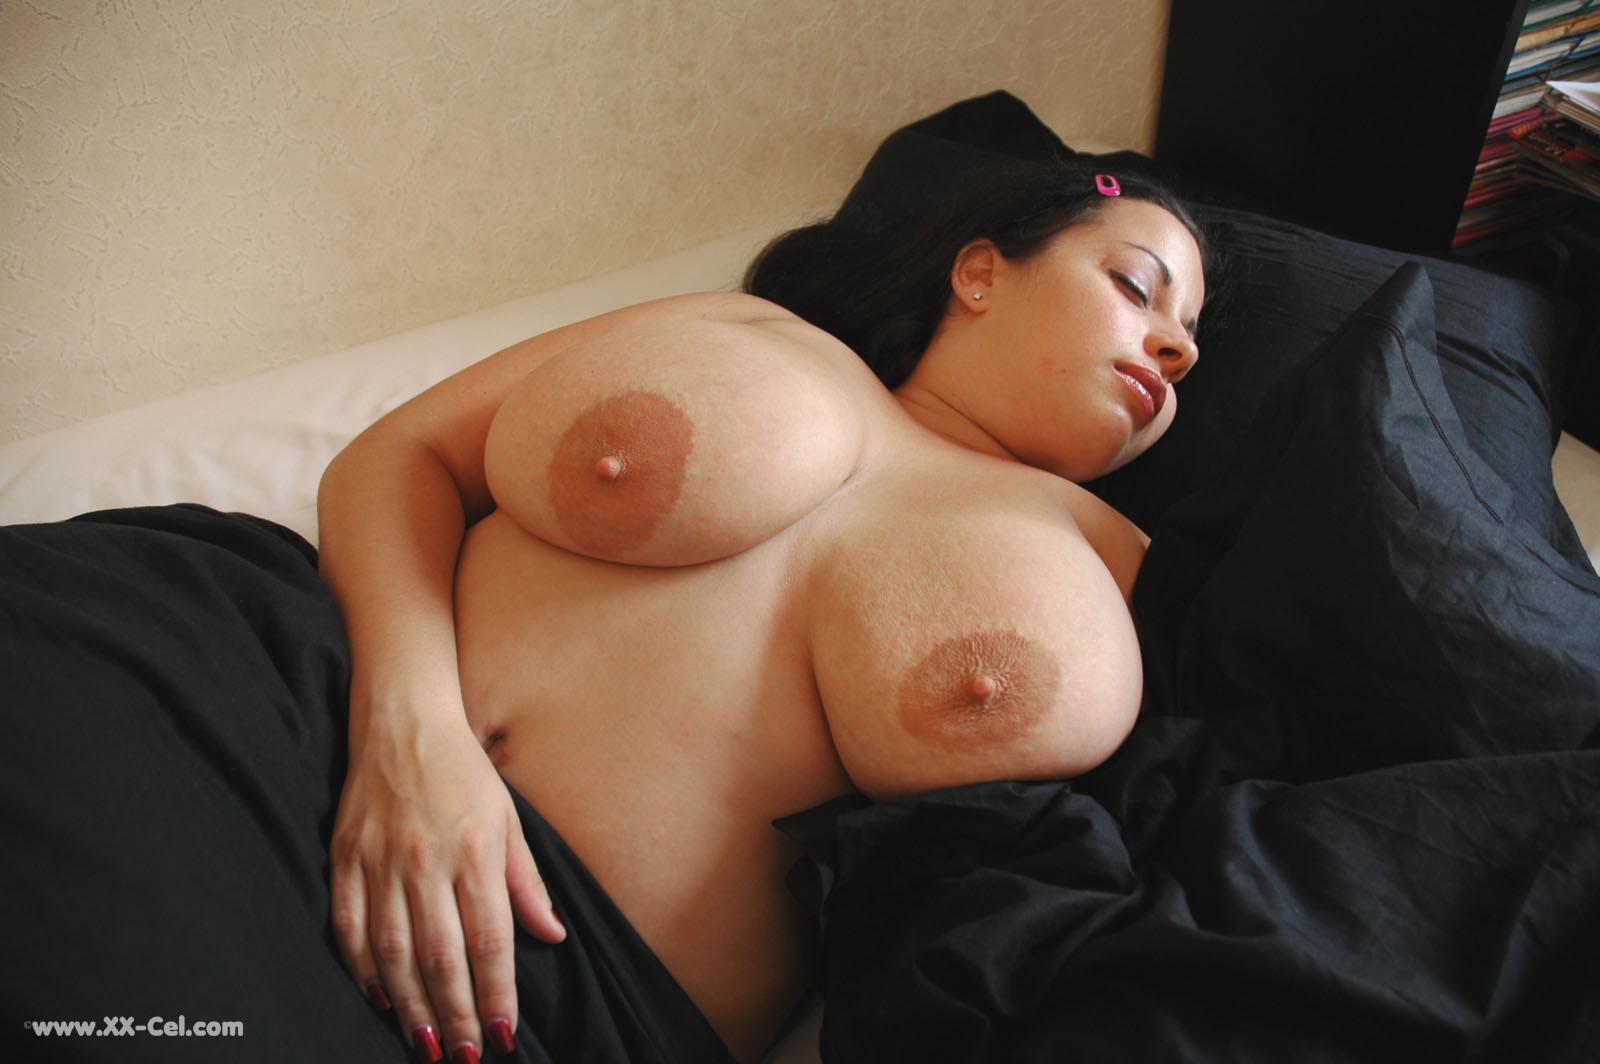 яапонки порно видео большие сиськи